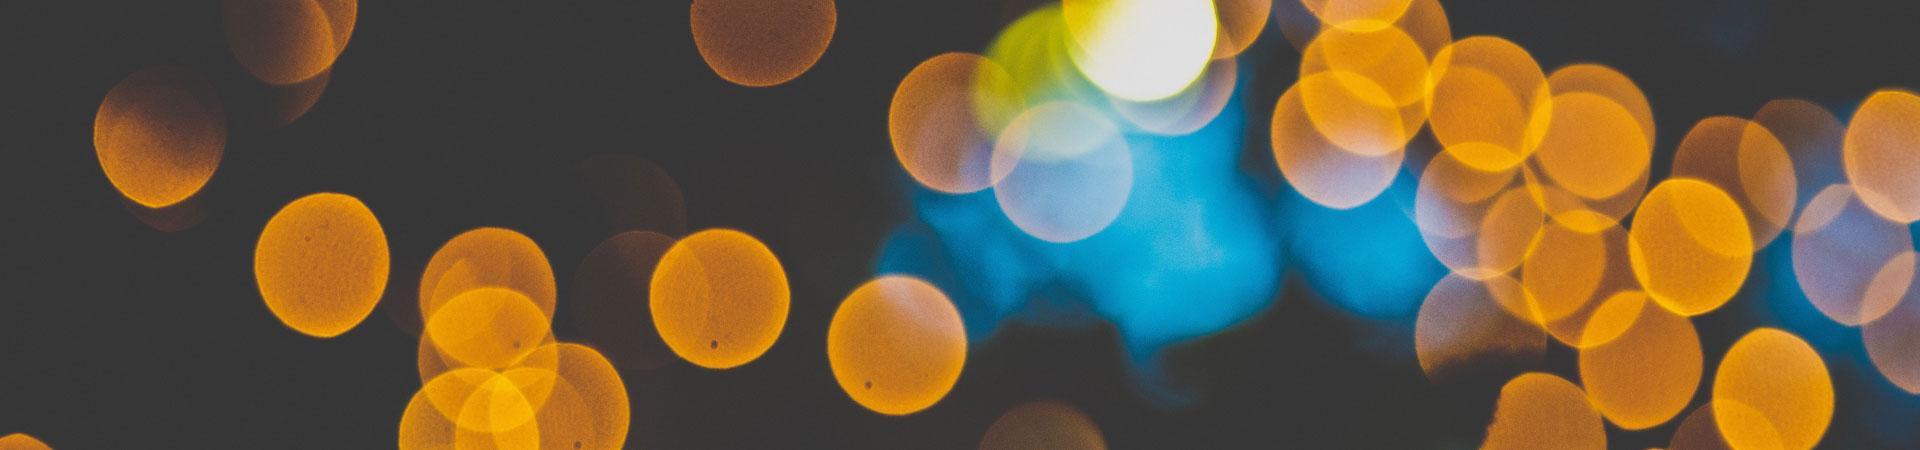 Cerchio-di-luce-PAVIA